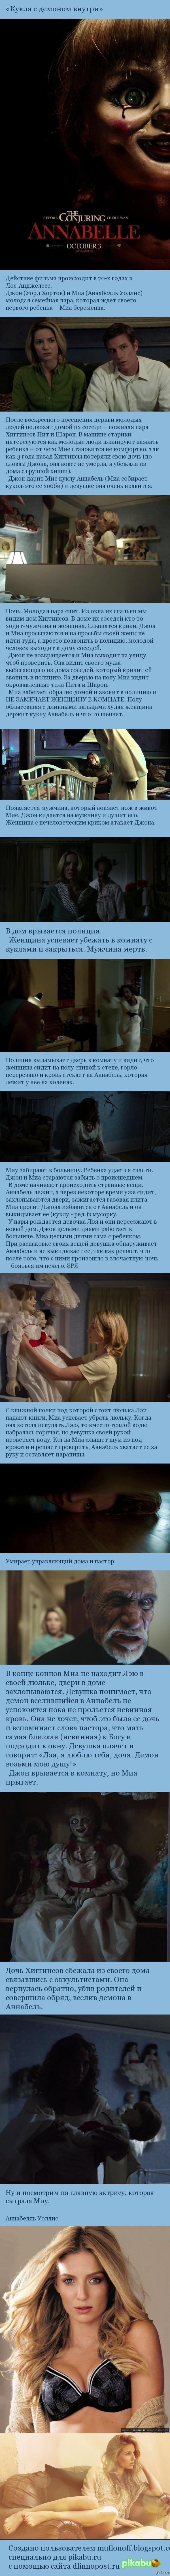 «Проклятие Аннабель» СПОЙЛЕР!!! «Кукла с демоном внутри»  Ув. киноманы, это спойлер! Вы предупреждены! Наслаждайтесь!